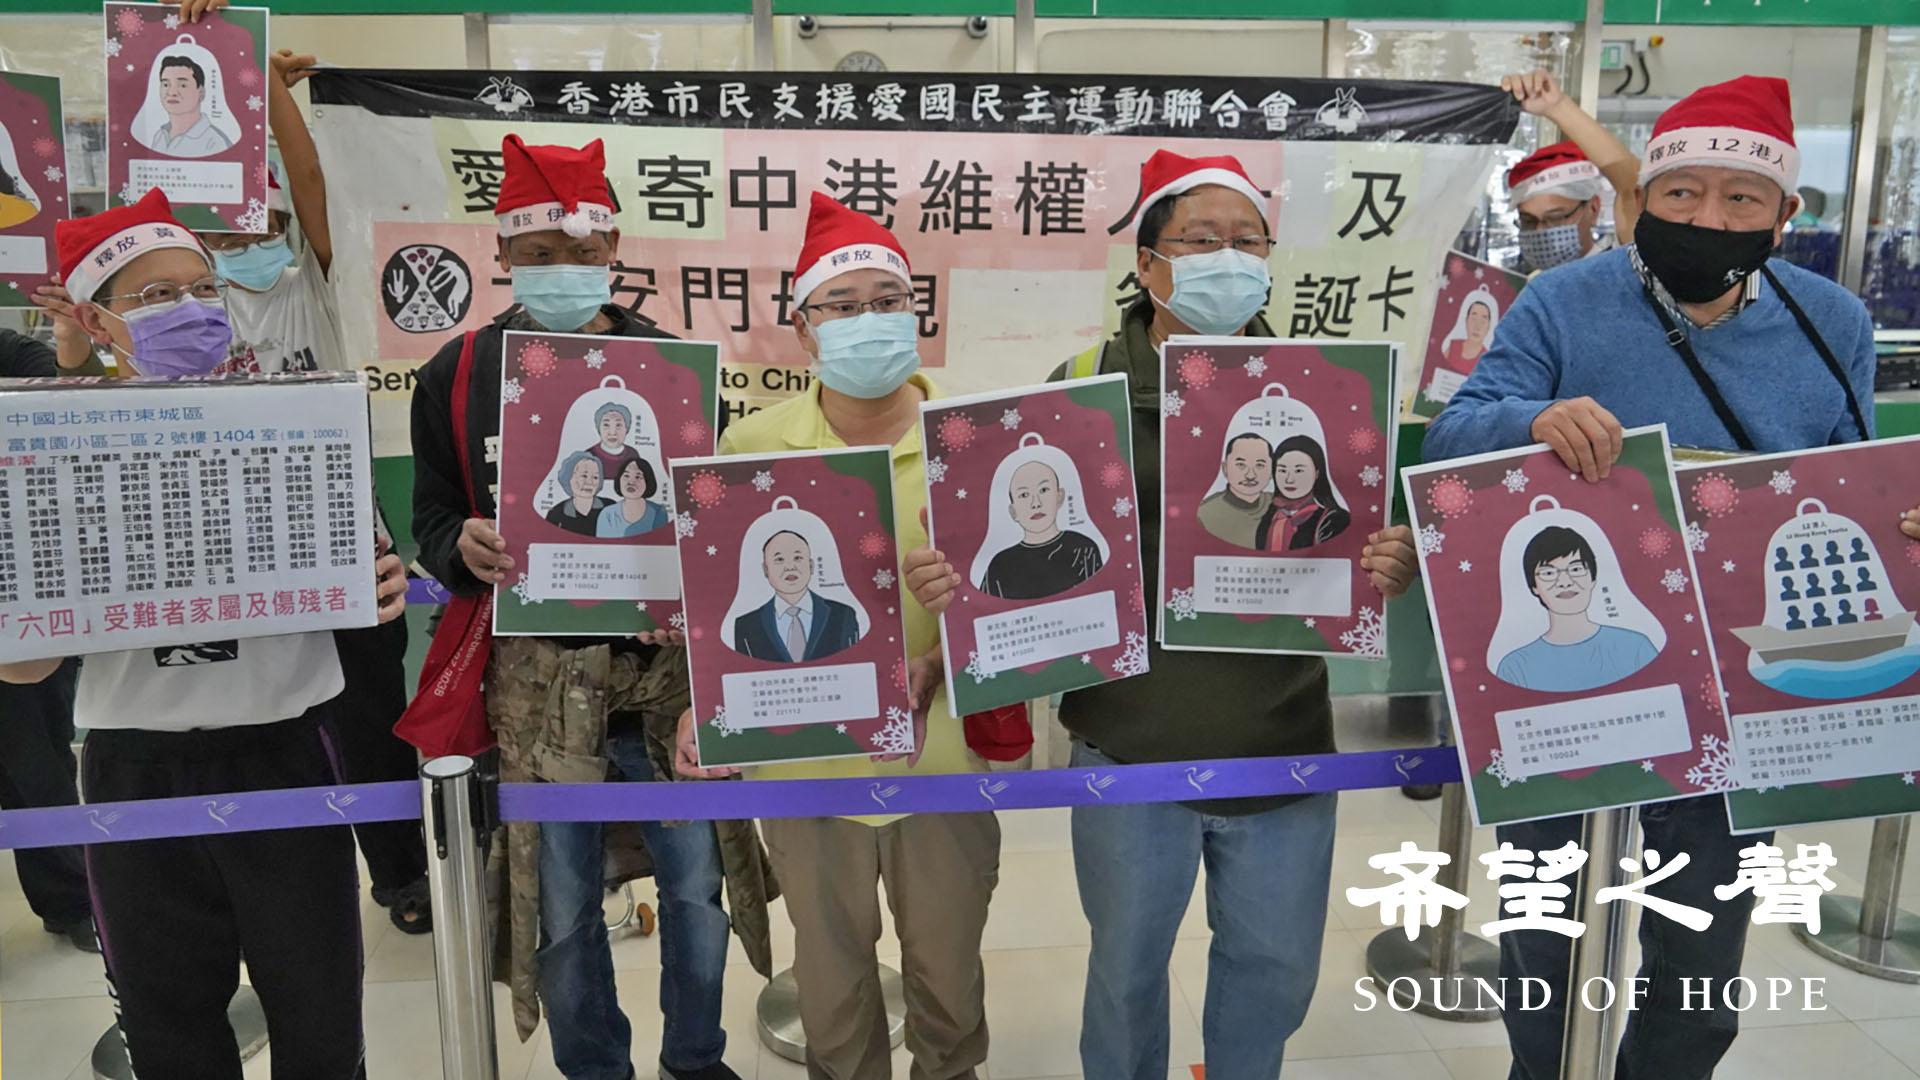 香港支联会主席李卓人(右一)与其他支联会成员在平安夜当日,向12名被关押在深圳的港人及大陆维权人士寄出慰问卡。(郑铭/SOH)